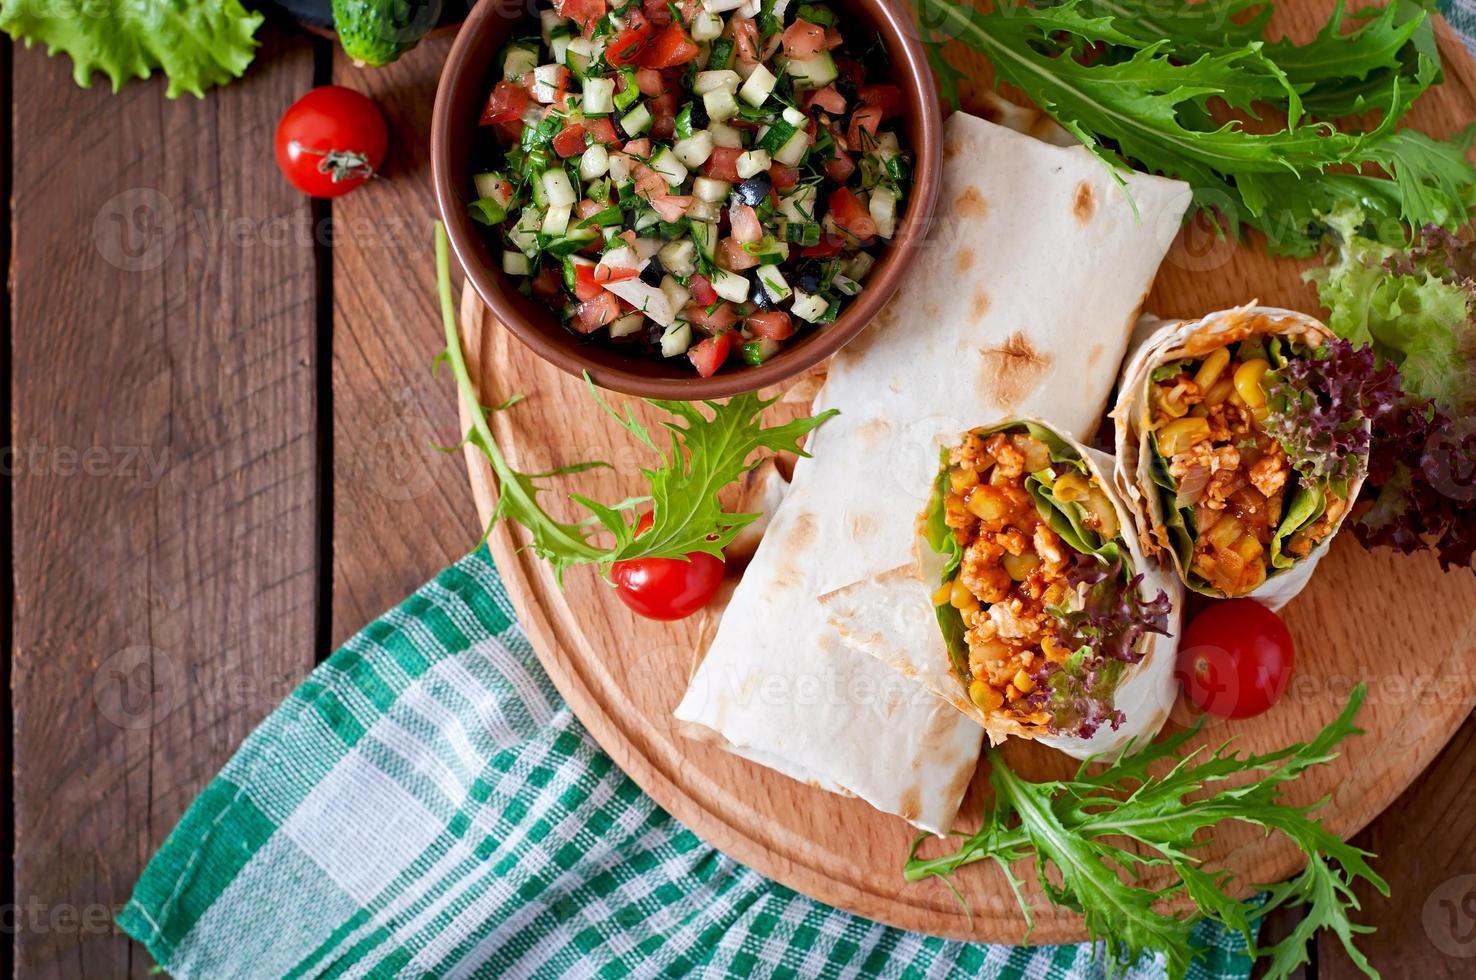 burritosomslag med köttfärs och grönsaker foto